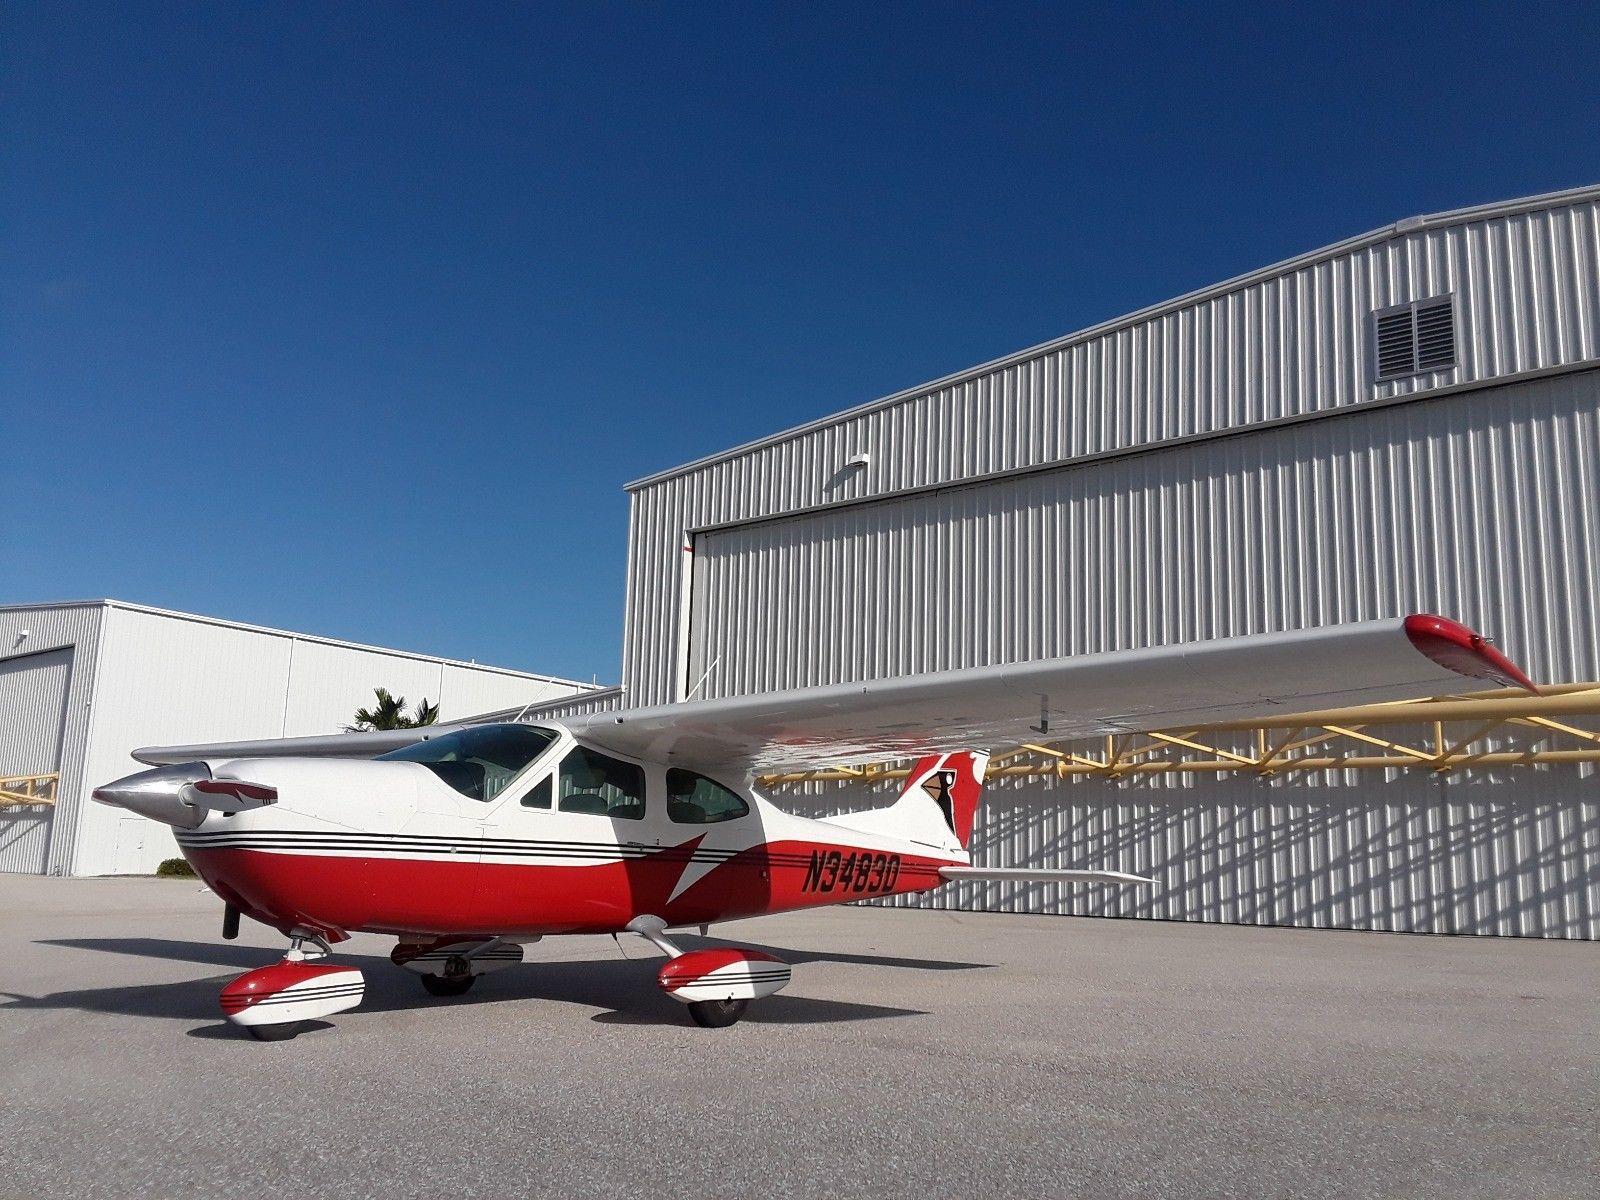 renewed 1974 Cessna Cardinal C 177B aircraft for sale